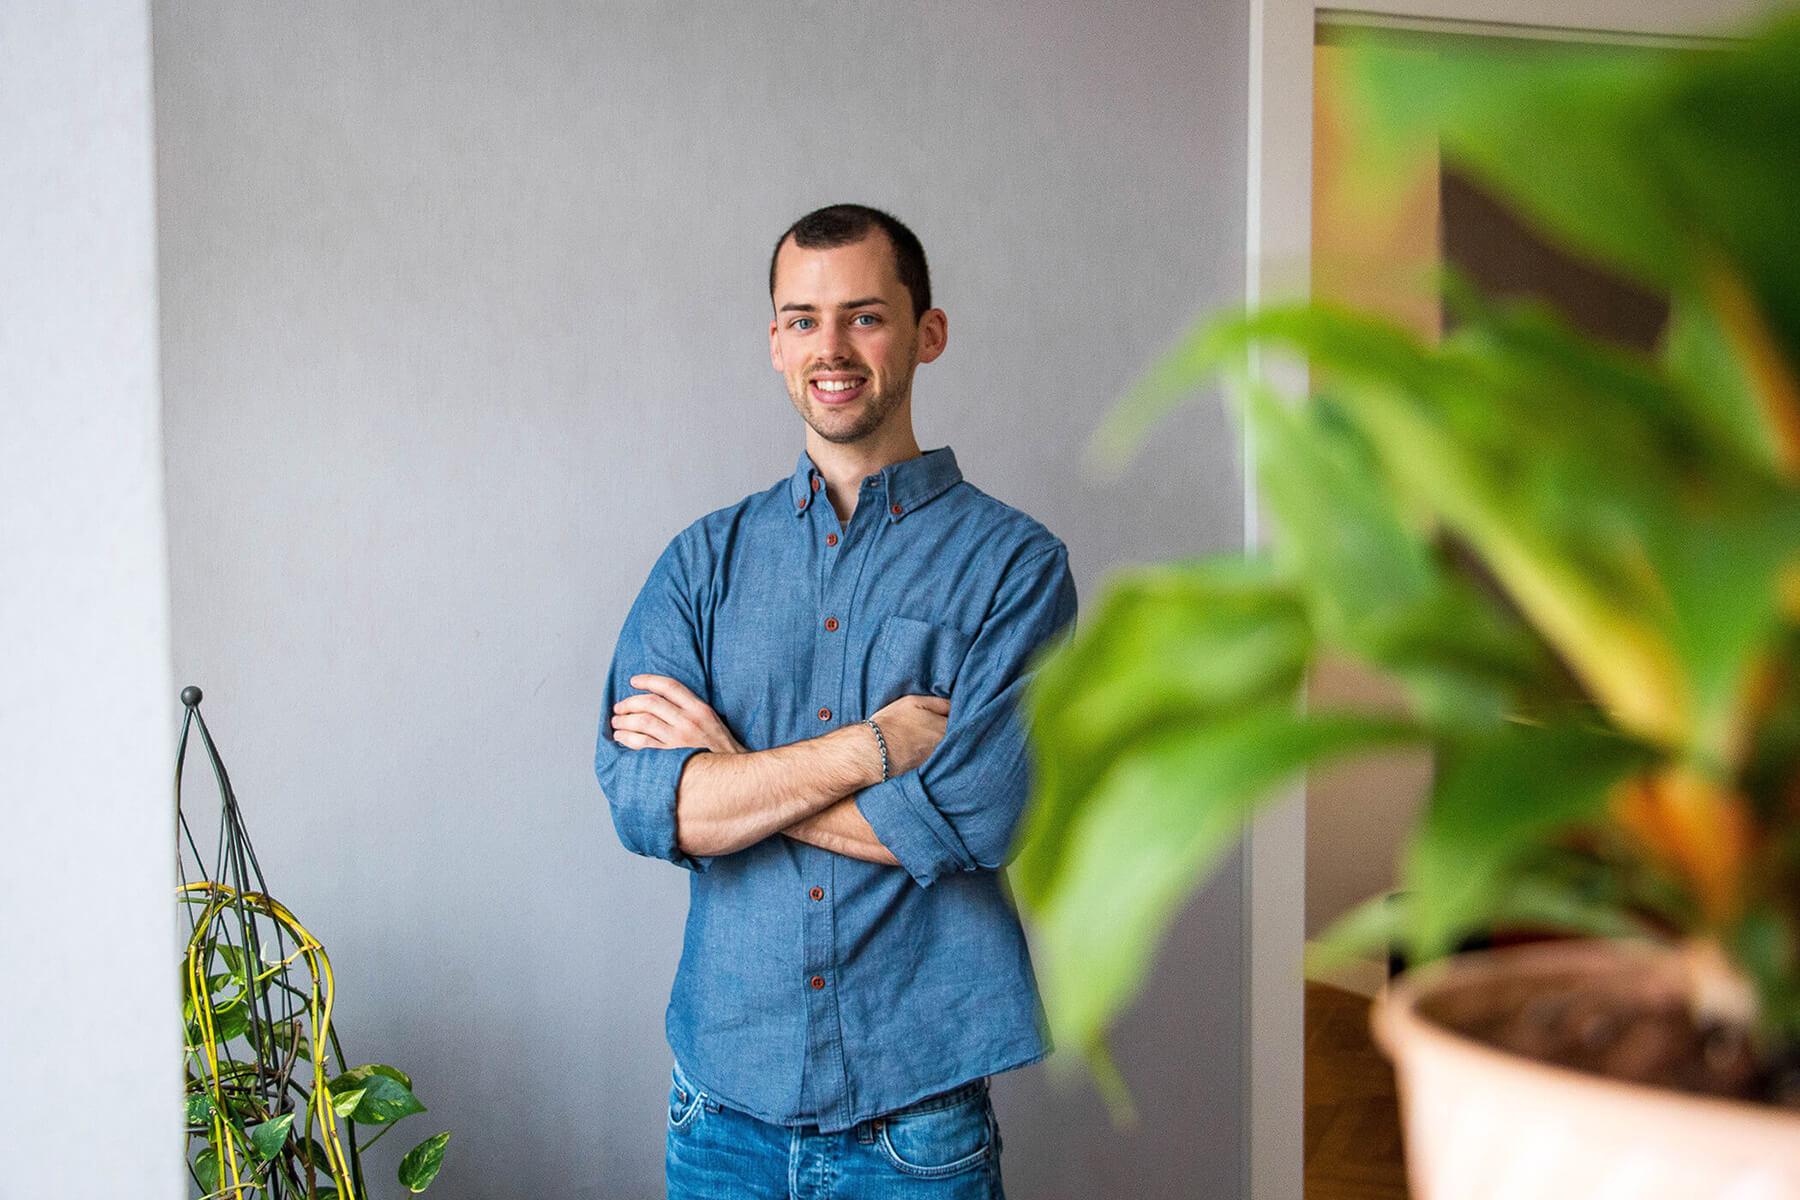 Junger Designer mit blauem Hemd steht an einer Wand und lächelt.